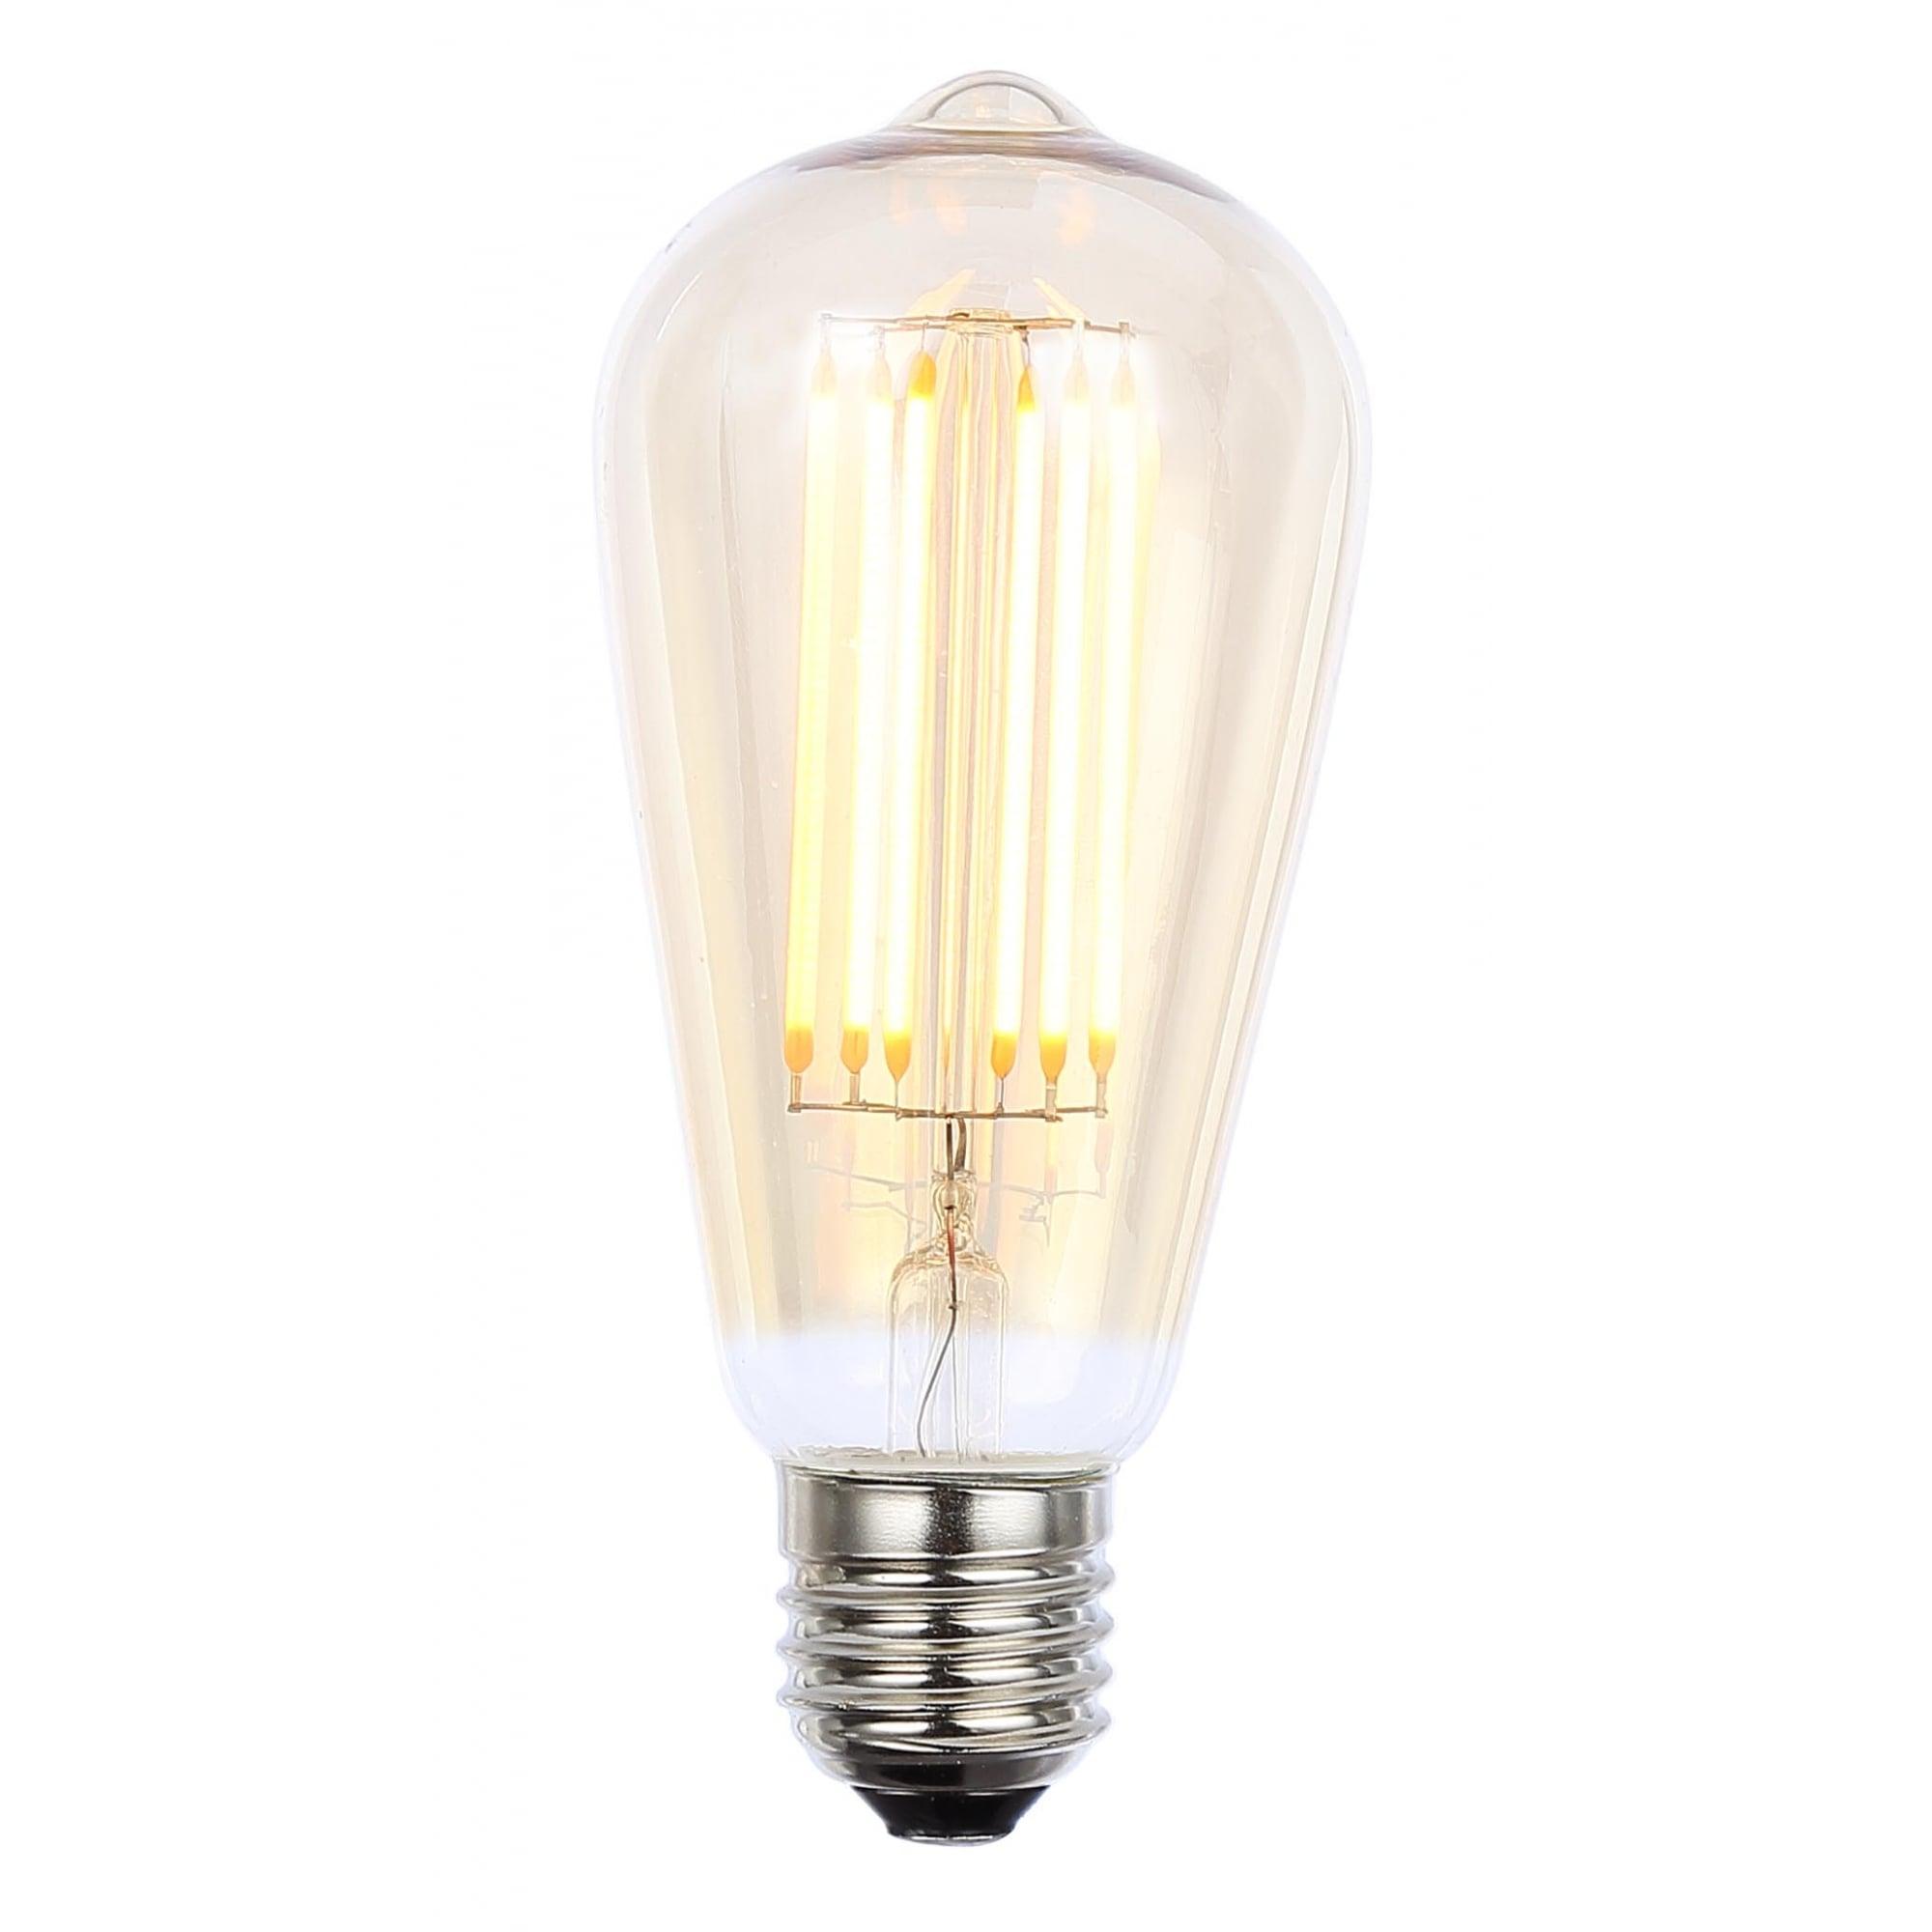 Forum Lighting Lampe à filament Vintage Inlight LED Dimmable 6w ES teintée